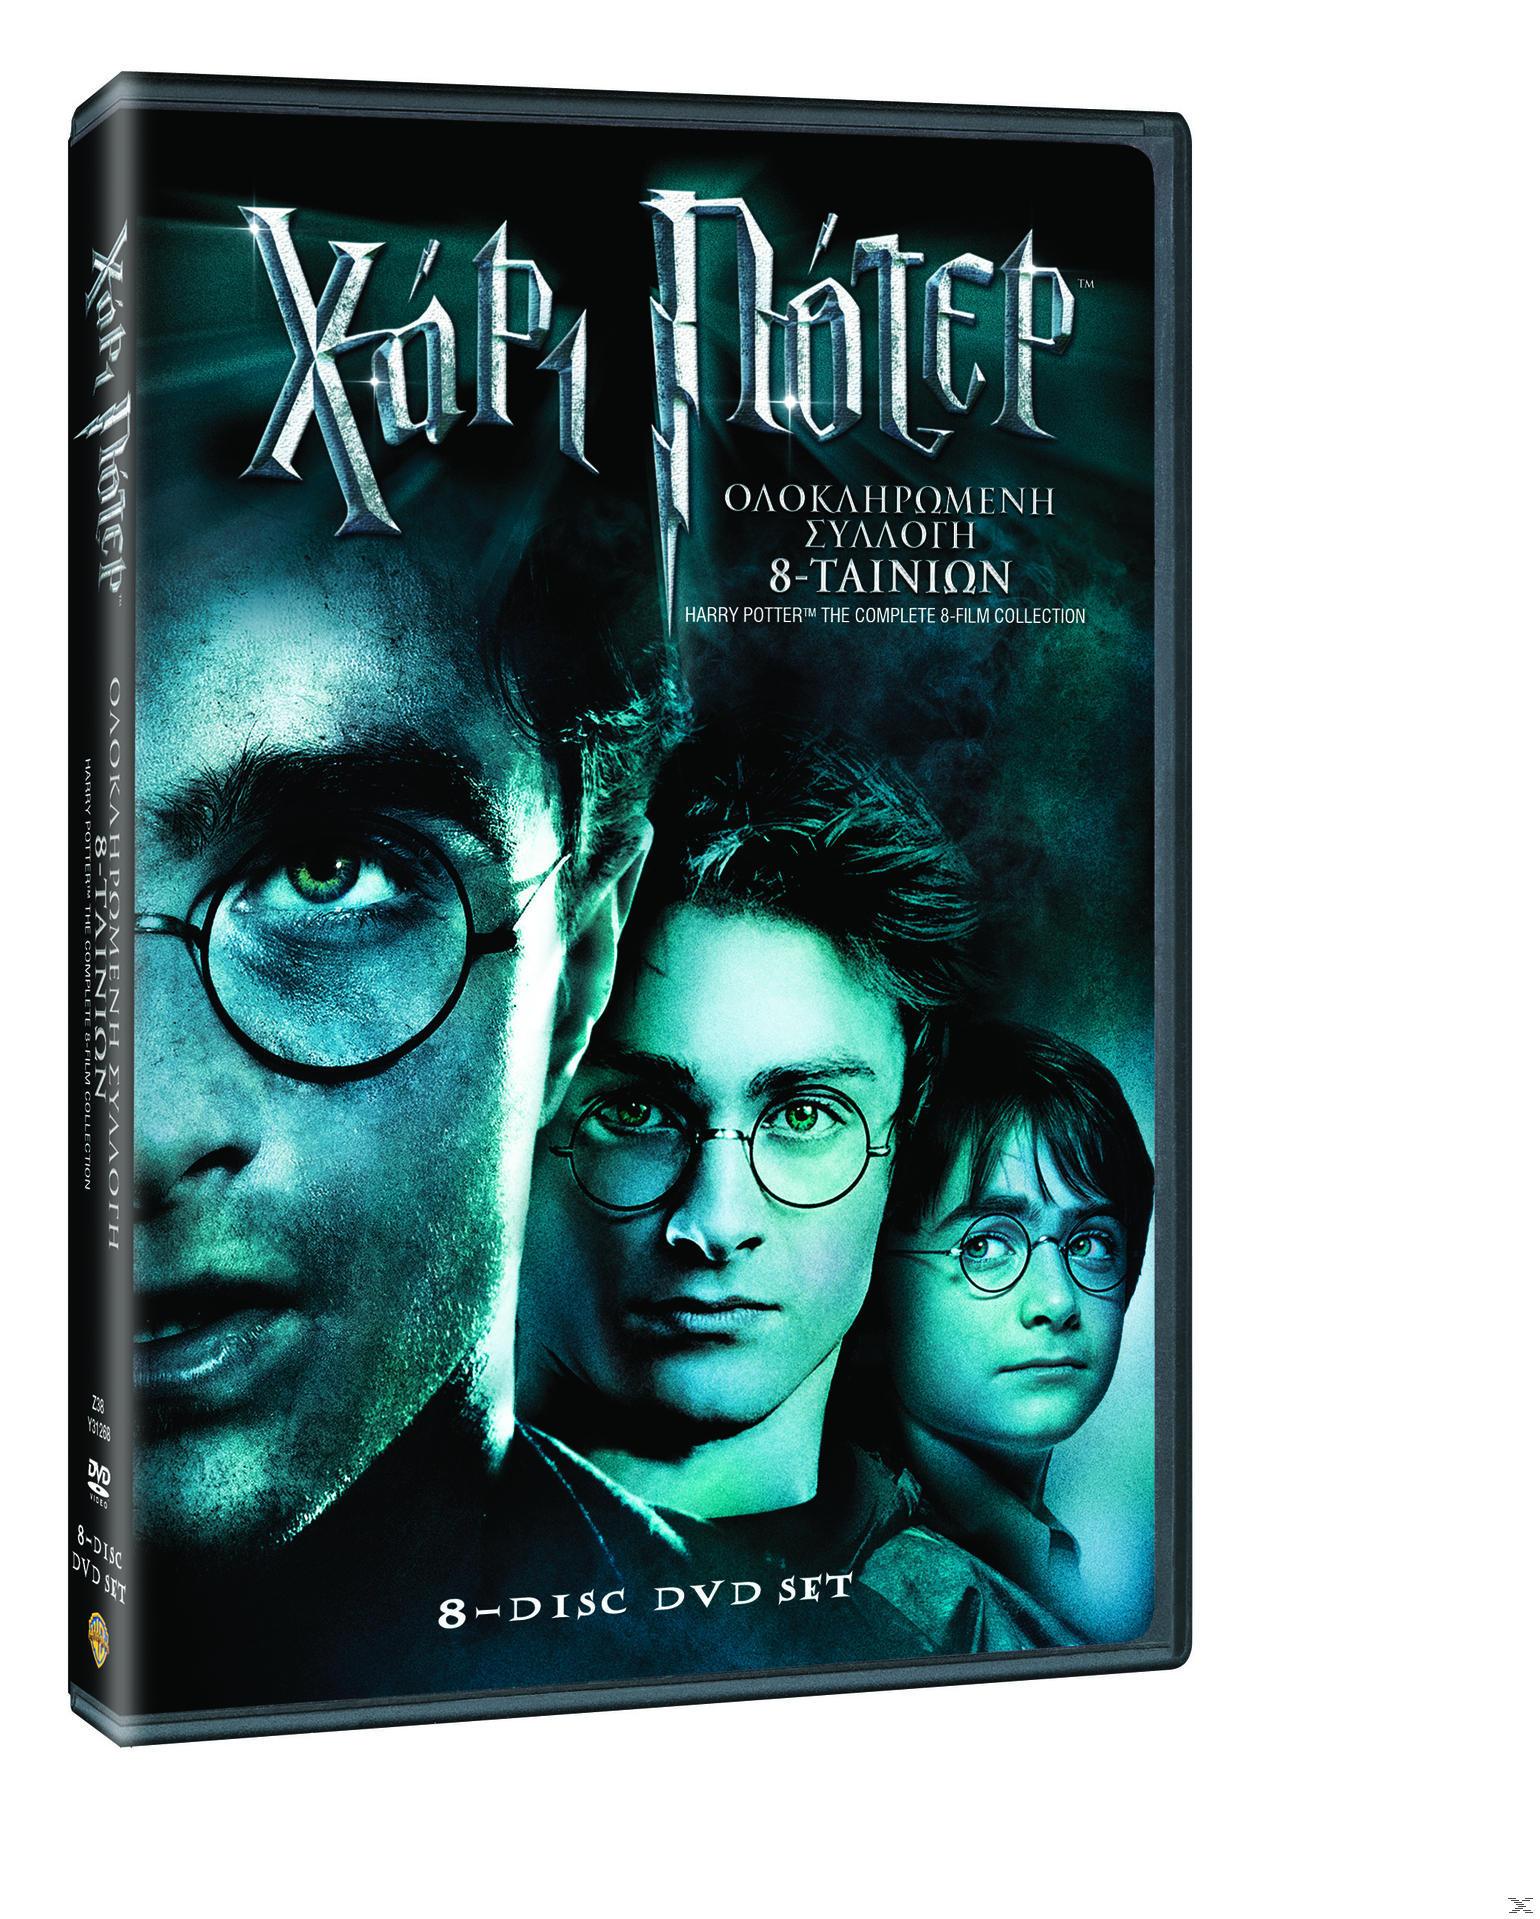 Χάρι Πότερ: Η Ολοκληρωμένη Συλλογή 8-Ταινιών DVD-Box